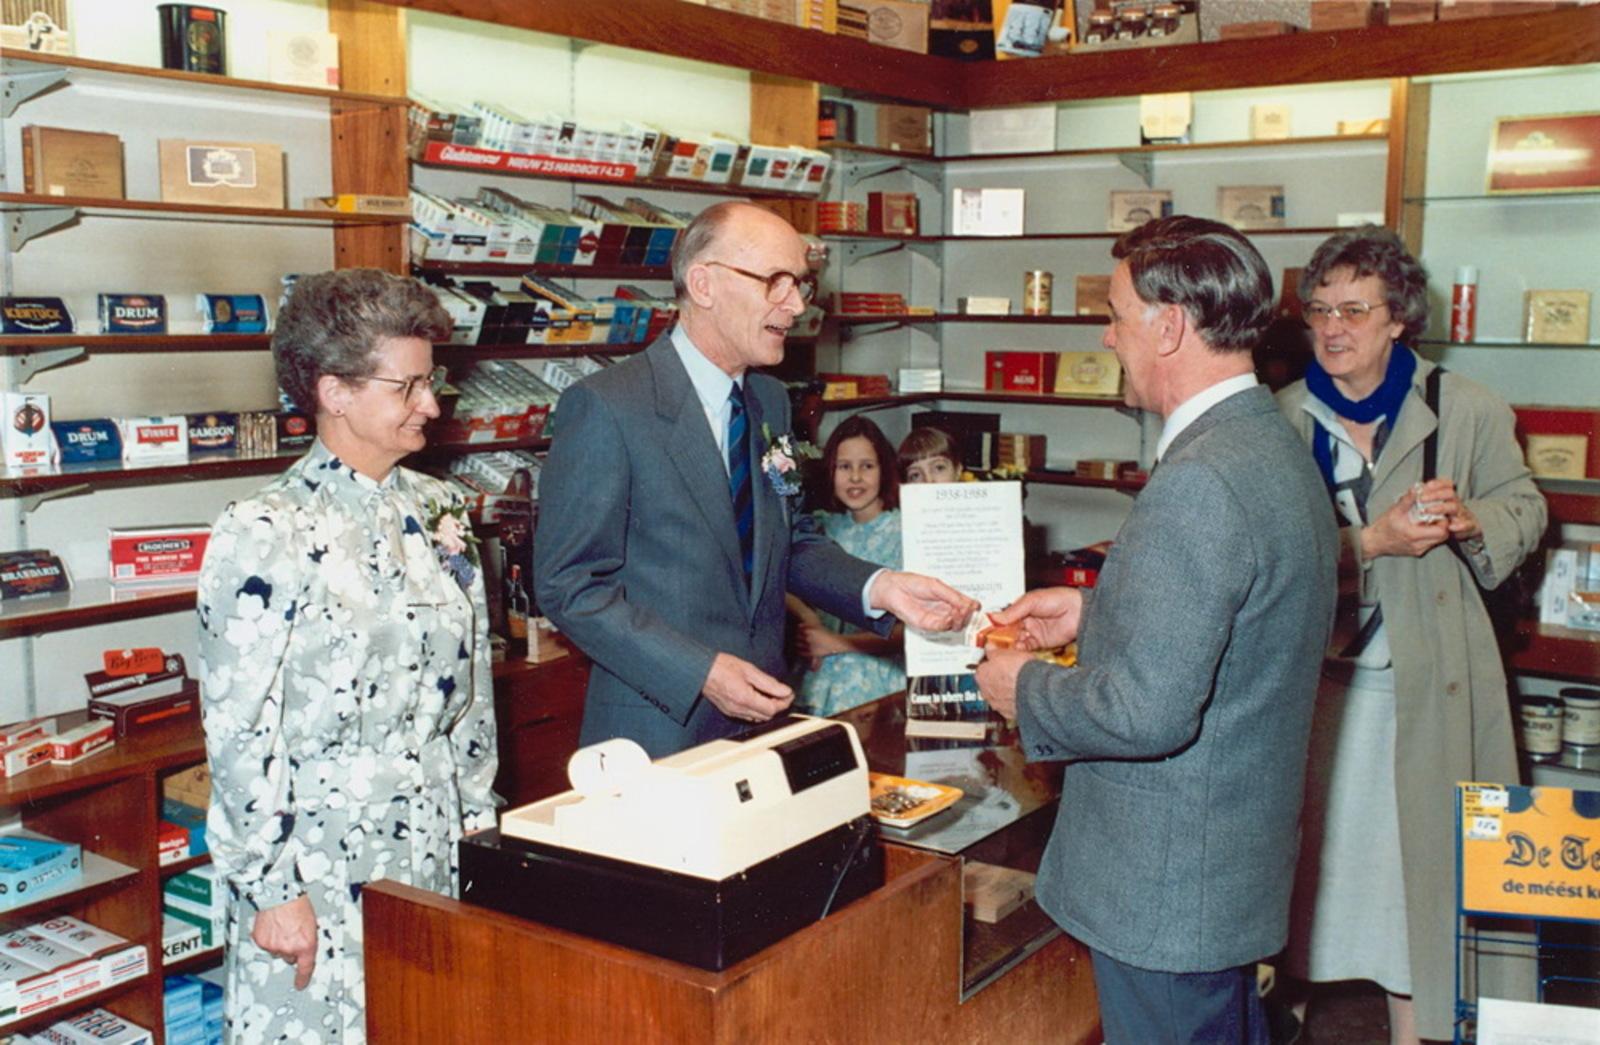 Marktlaan O 0022 1988 Sigarenboer Kraak 50jr Jub en Sluiting 13